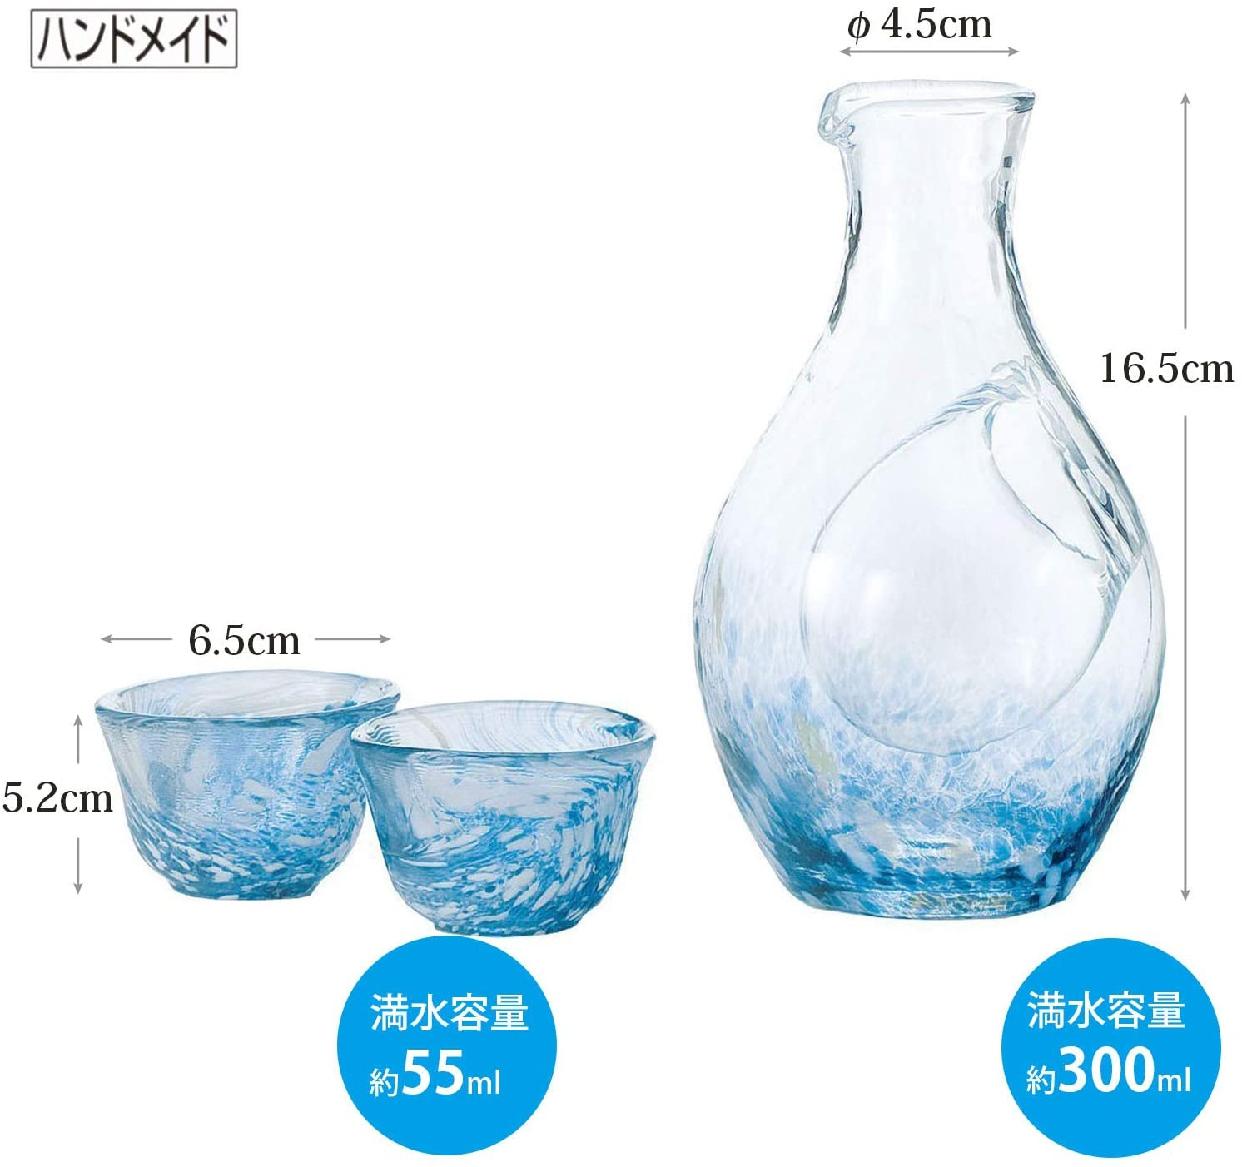 東洋佐々木ガラス(とうようささきがらす)日本酒グラス 冷酒セット G604-M70の商品画像3